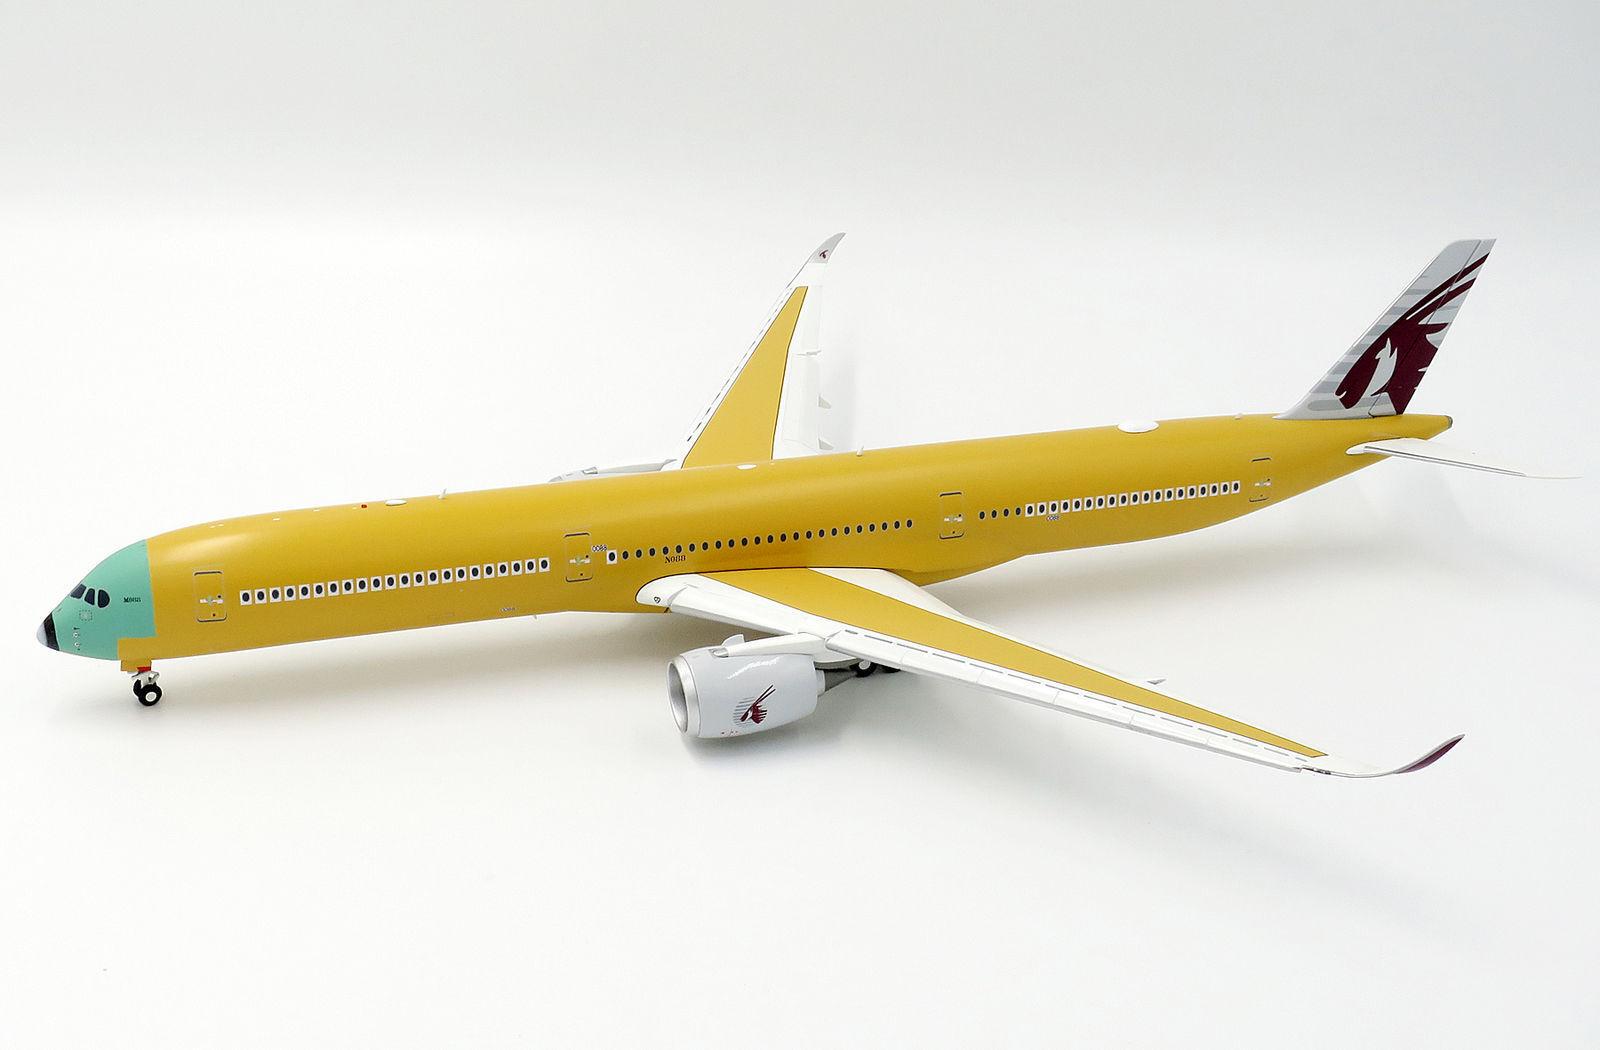 LH2089A 1/200 Katar Airways Bare Metal Airbus A350-1000 F-WZNR FLAPS DOWN W/S